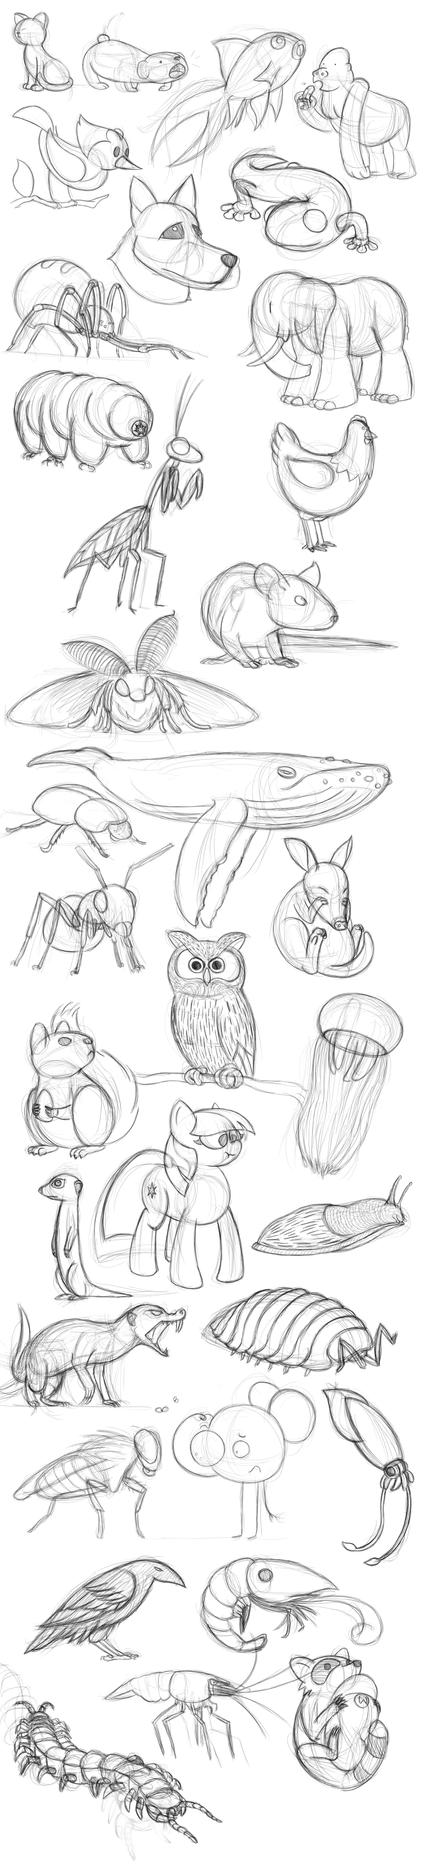 May 2017 sketchdump by Turag